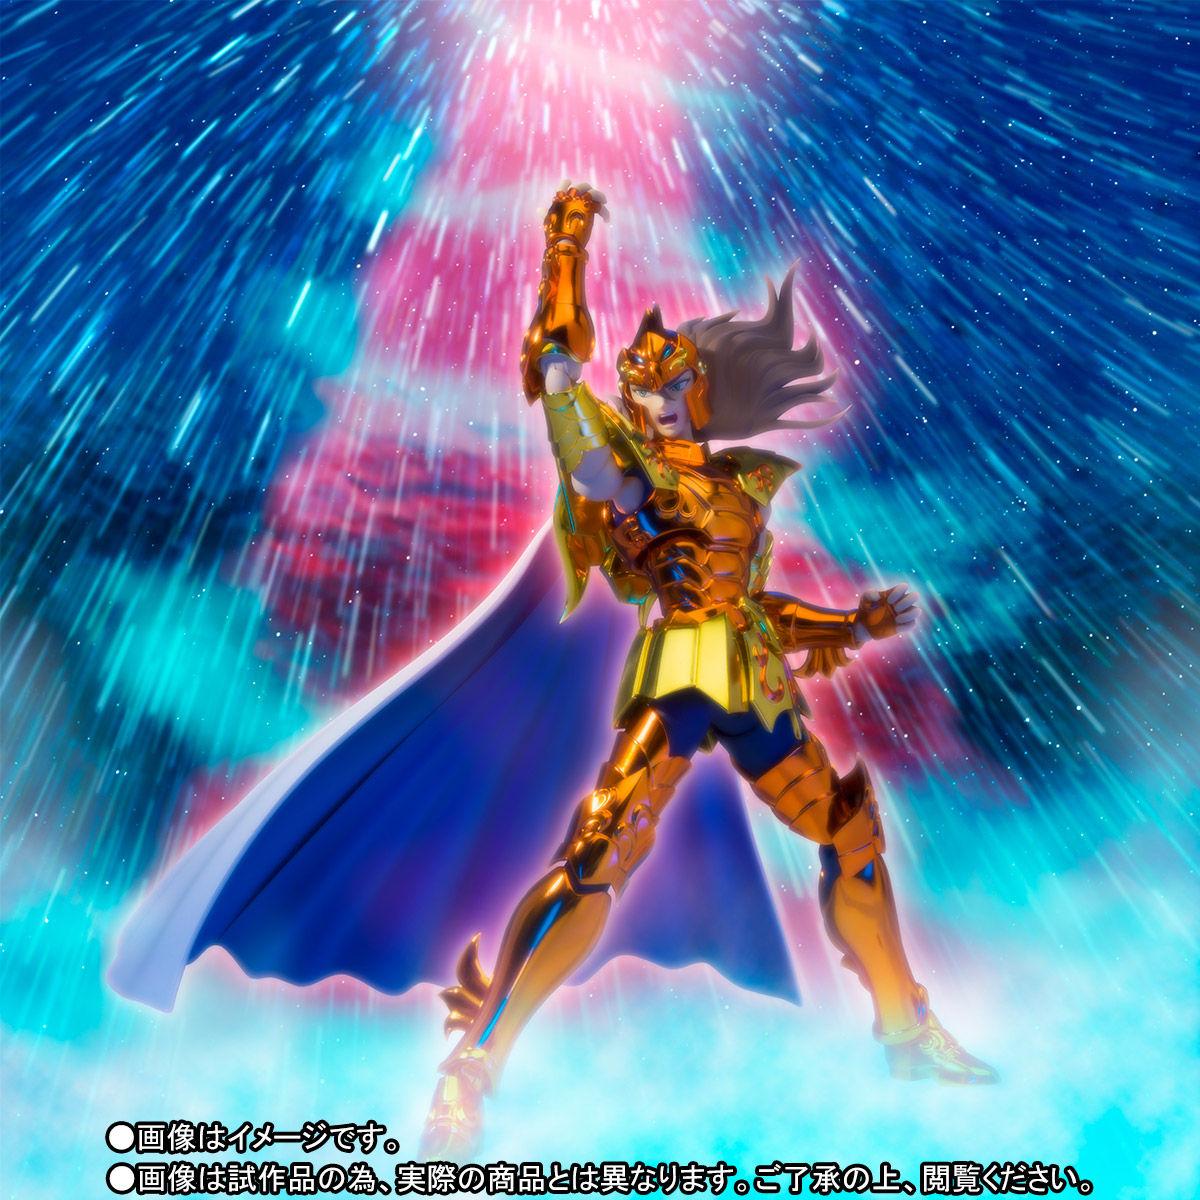 【限定販売】聖闘士聖衣神話EX『シーホースバイアン』聖闘士星矢 可動フィギュア-010